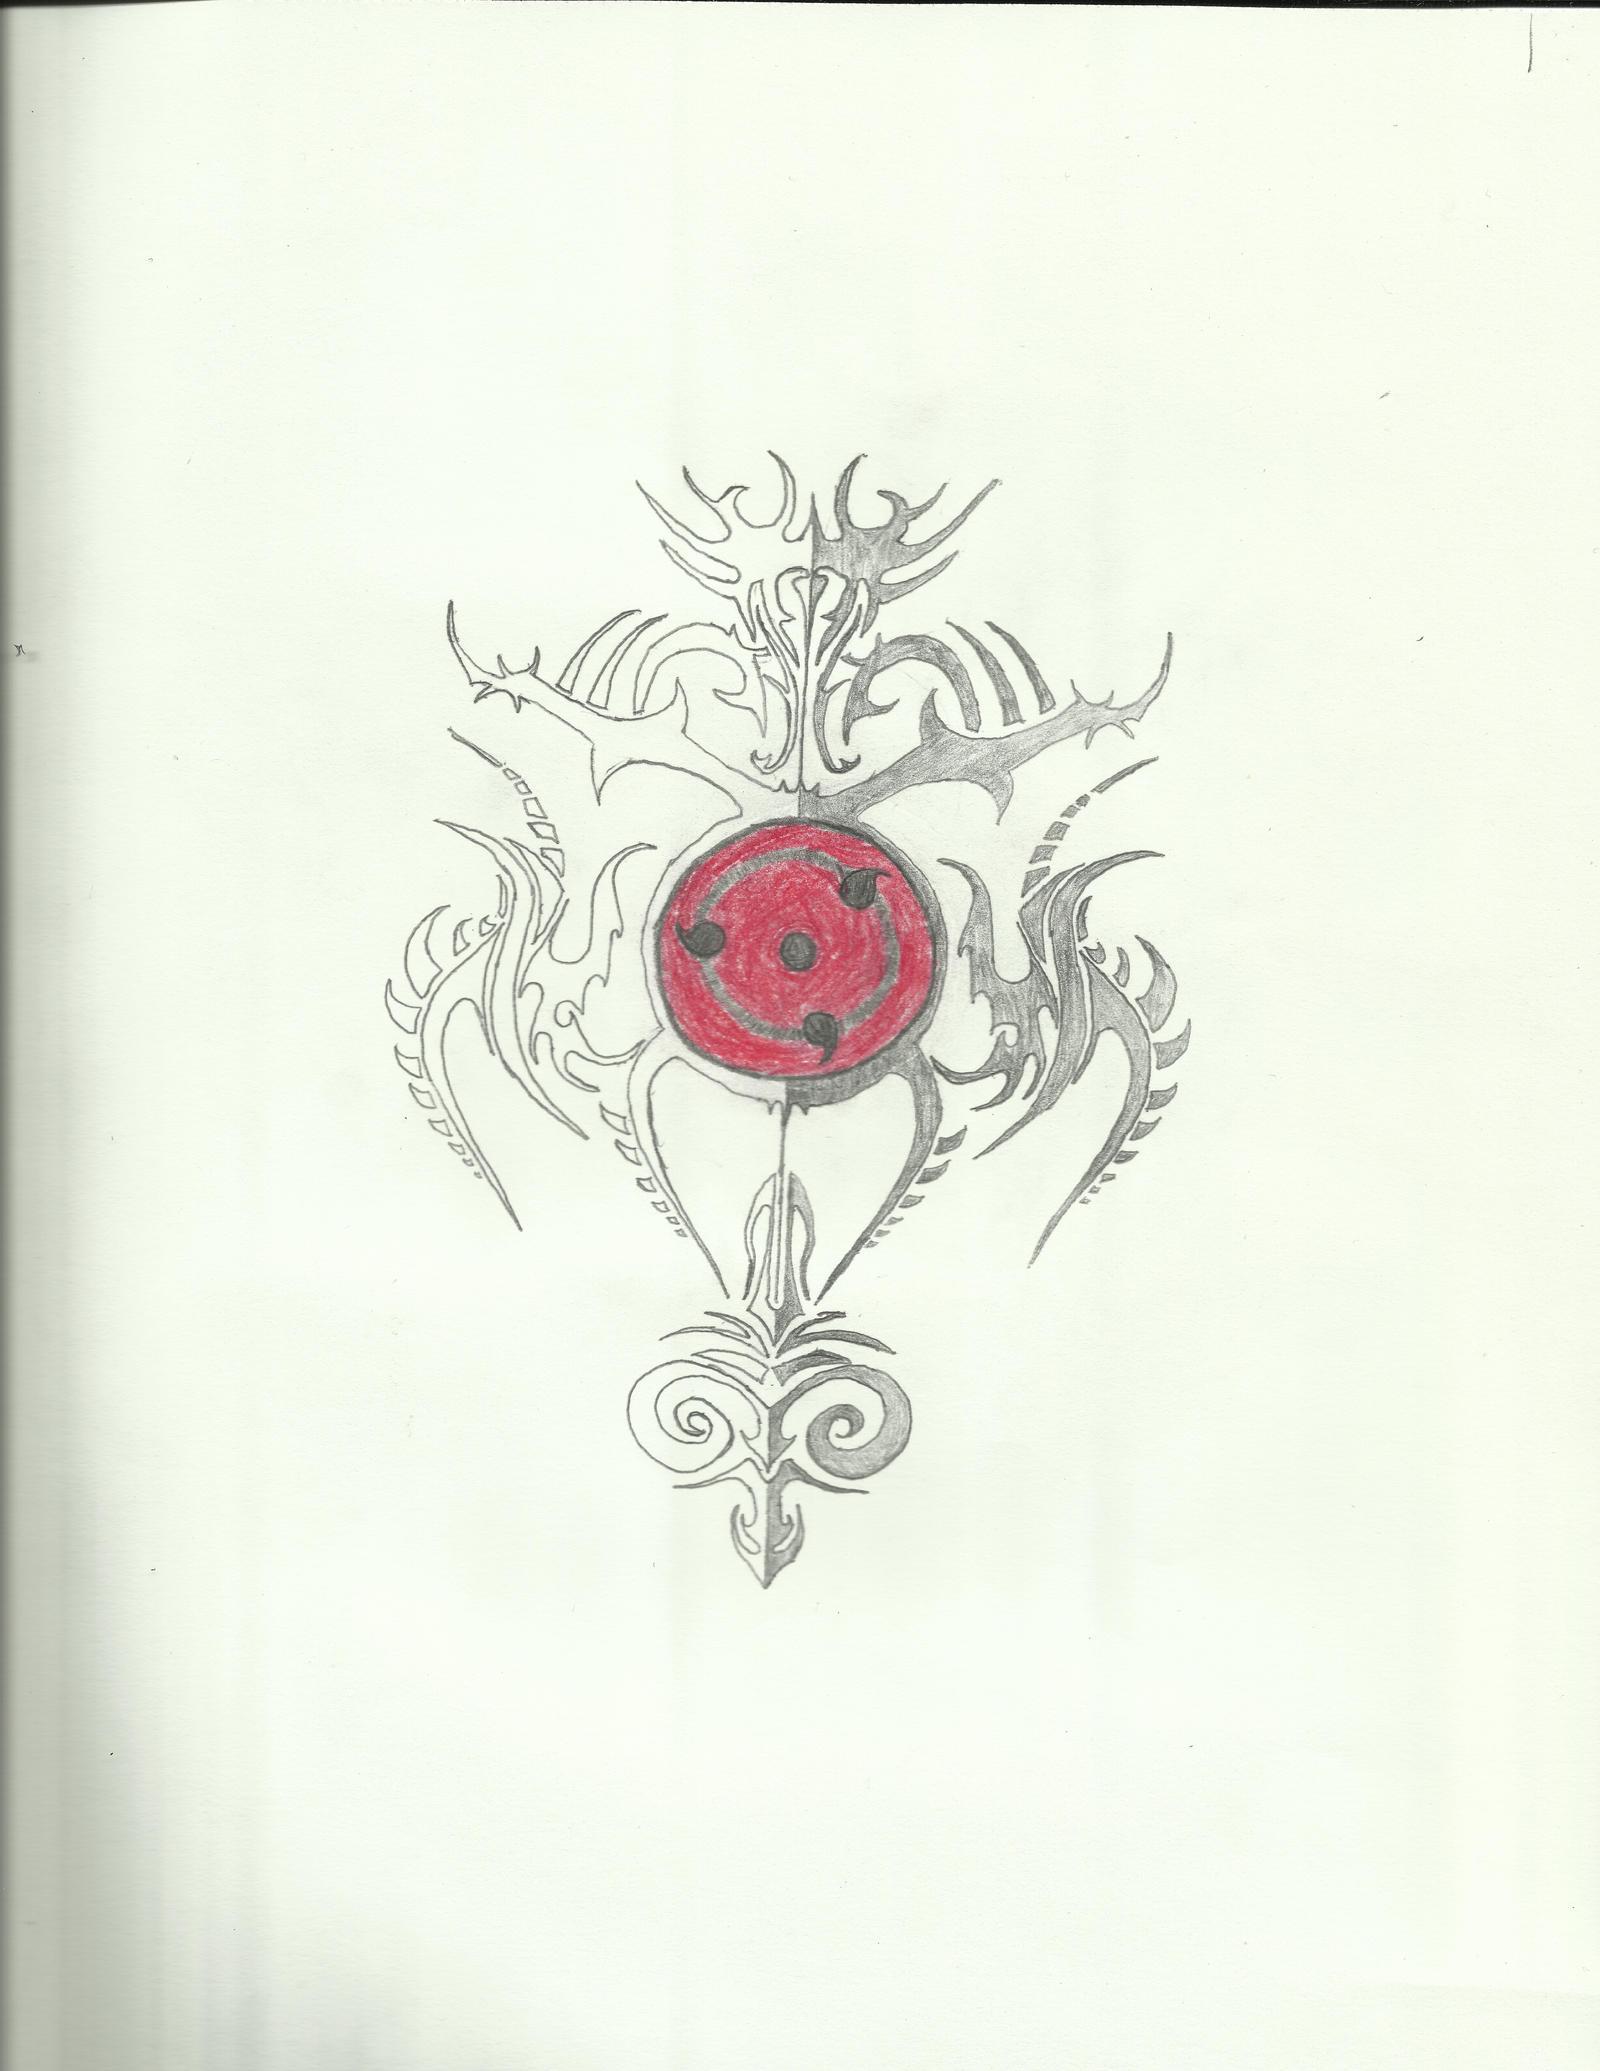 Sharingan Tattoo by Uzumak1Natut0 on DeviantArt